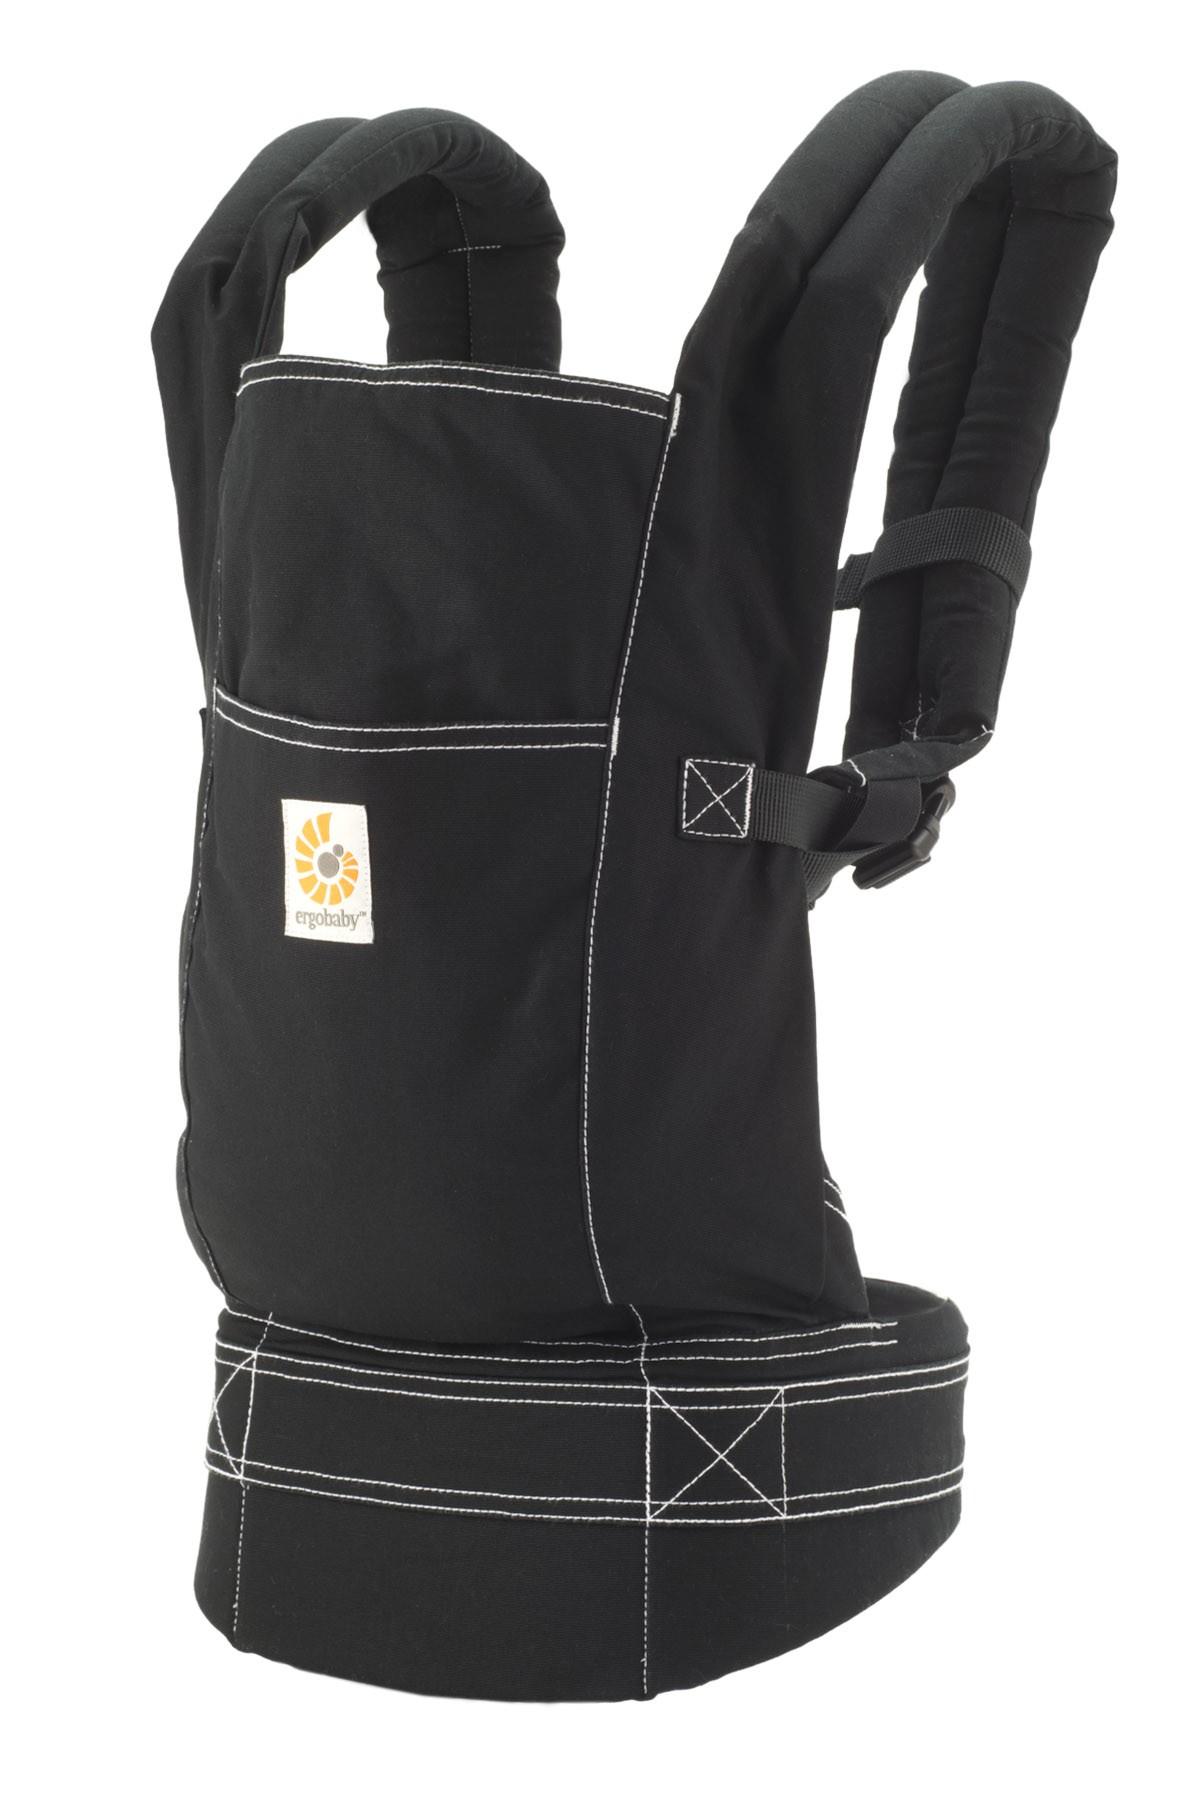 ERGObaby X-tra Komforttrage Black